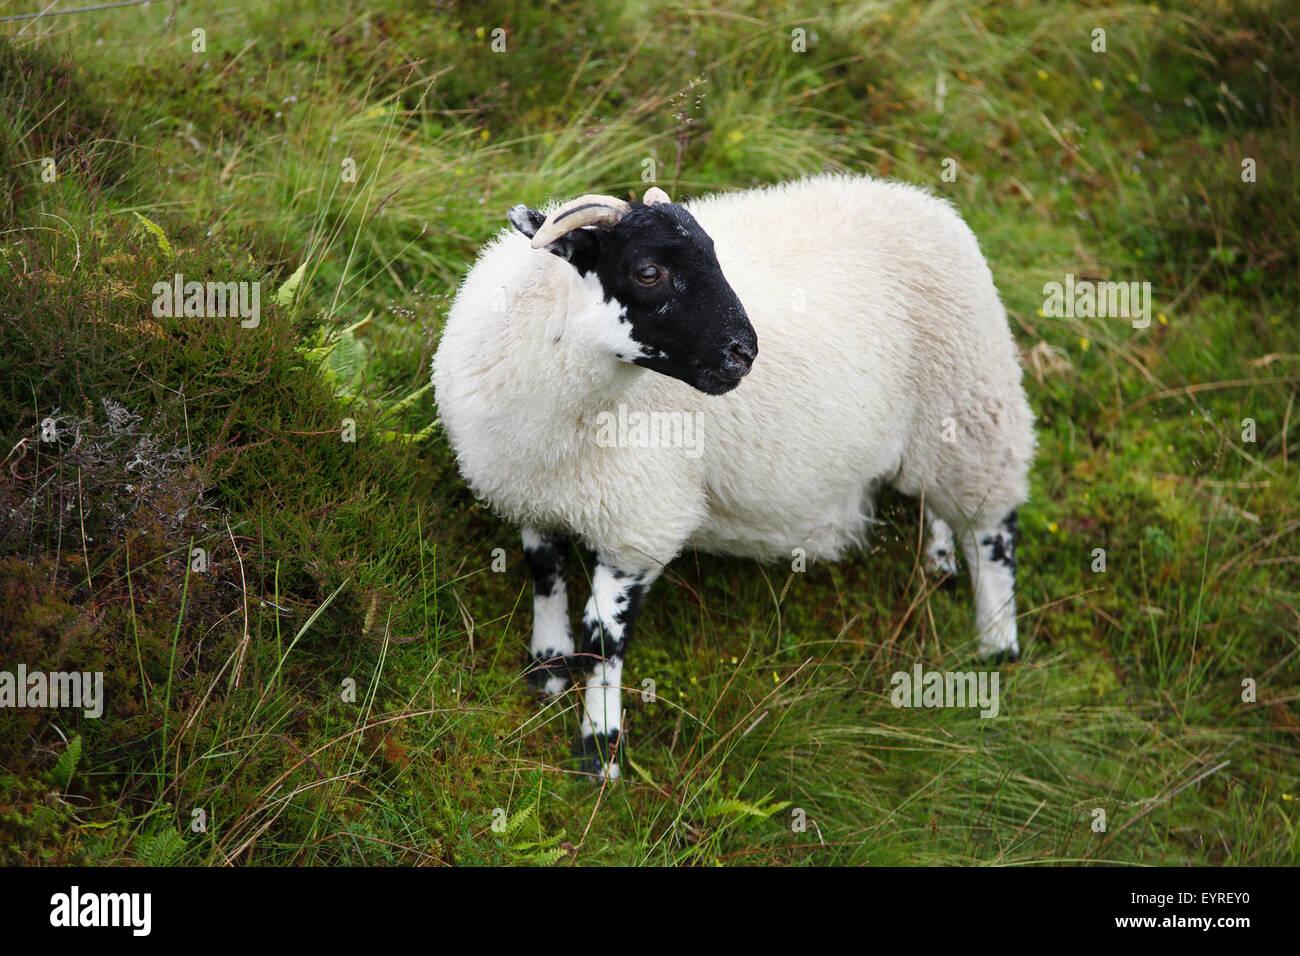 Scottish sheep - Stock Image